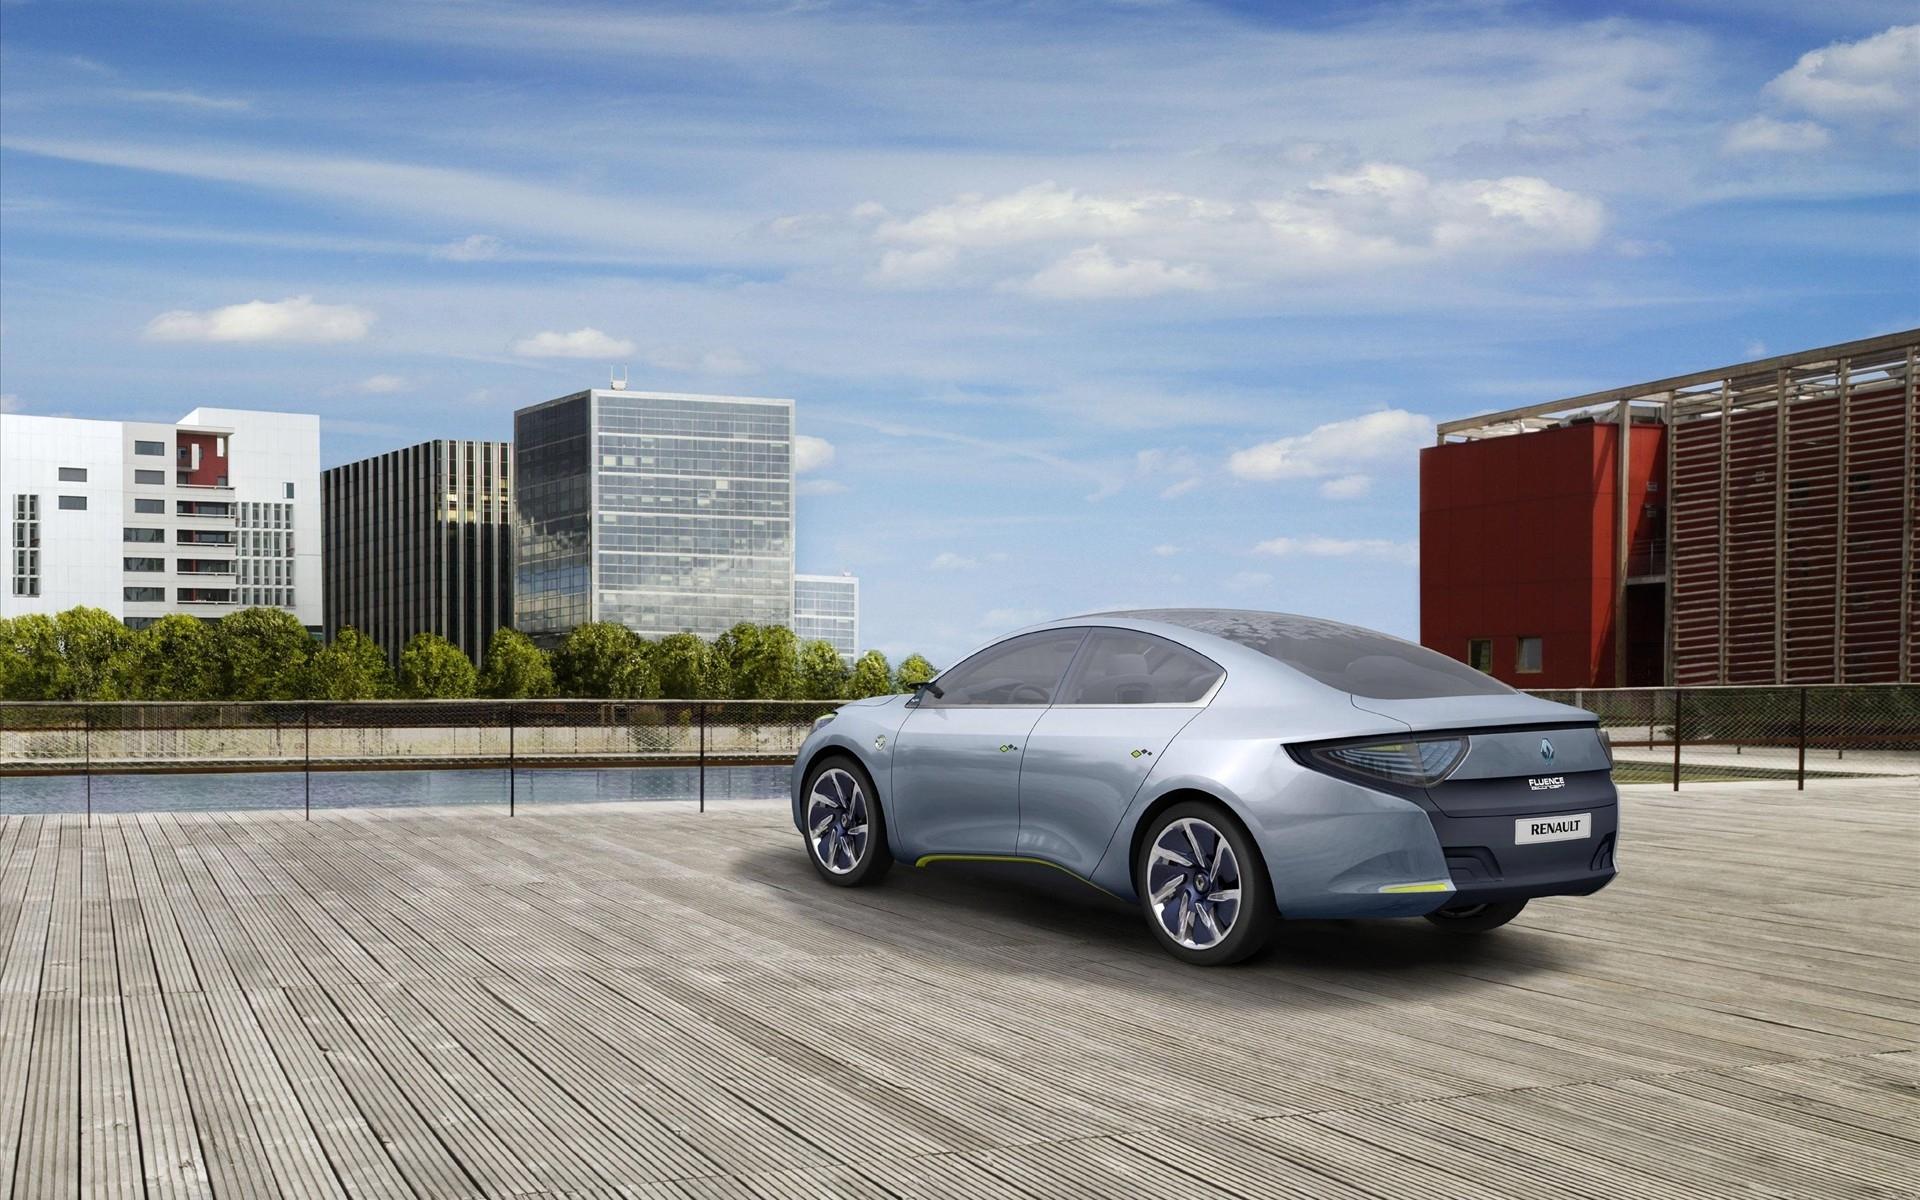 29311 Hintergrundbild herunterladen Transport, Auto, Renault - Bildschirmschoner und Bilder kostenlos